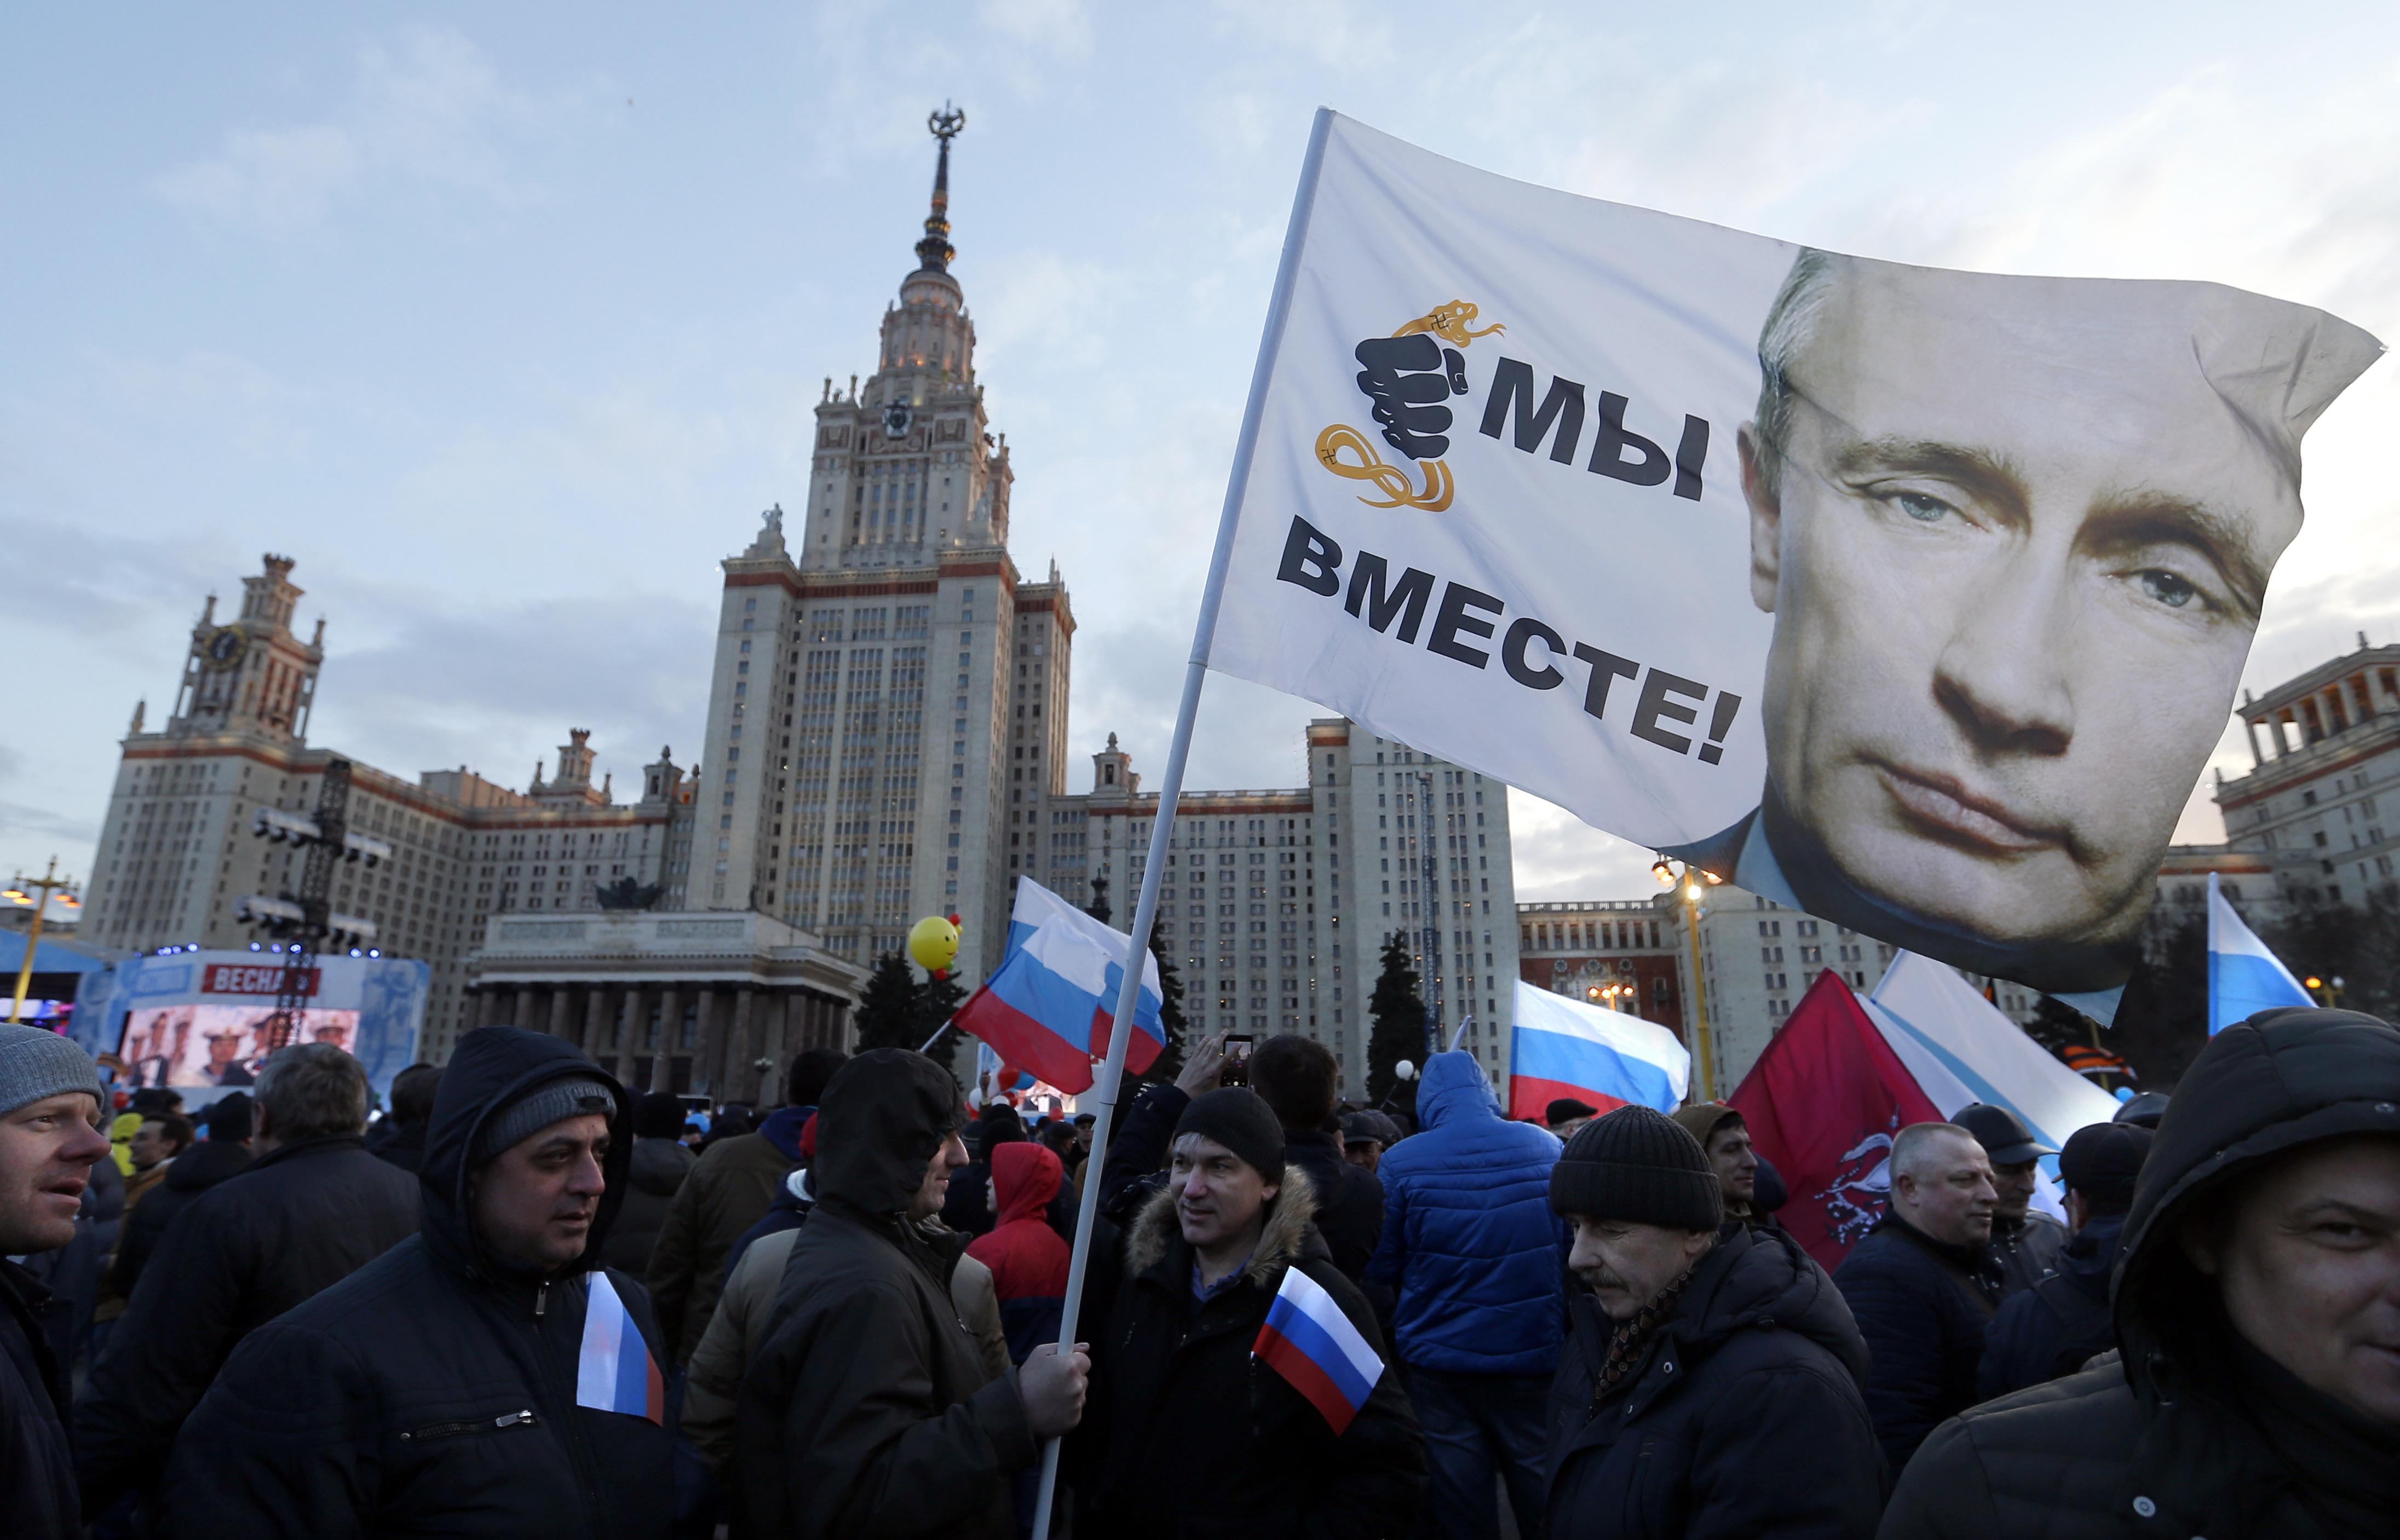 Празднование 3-летия аннексии Крыма в Москве. Фото: EPA